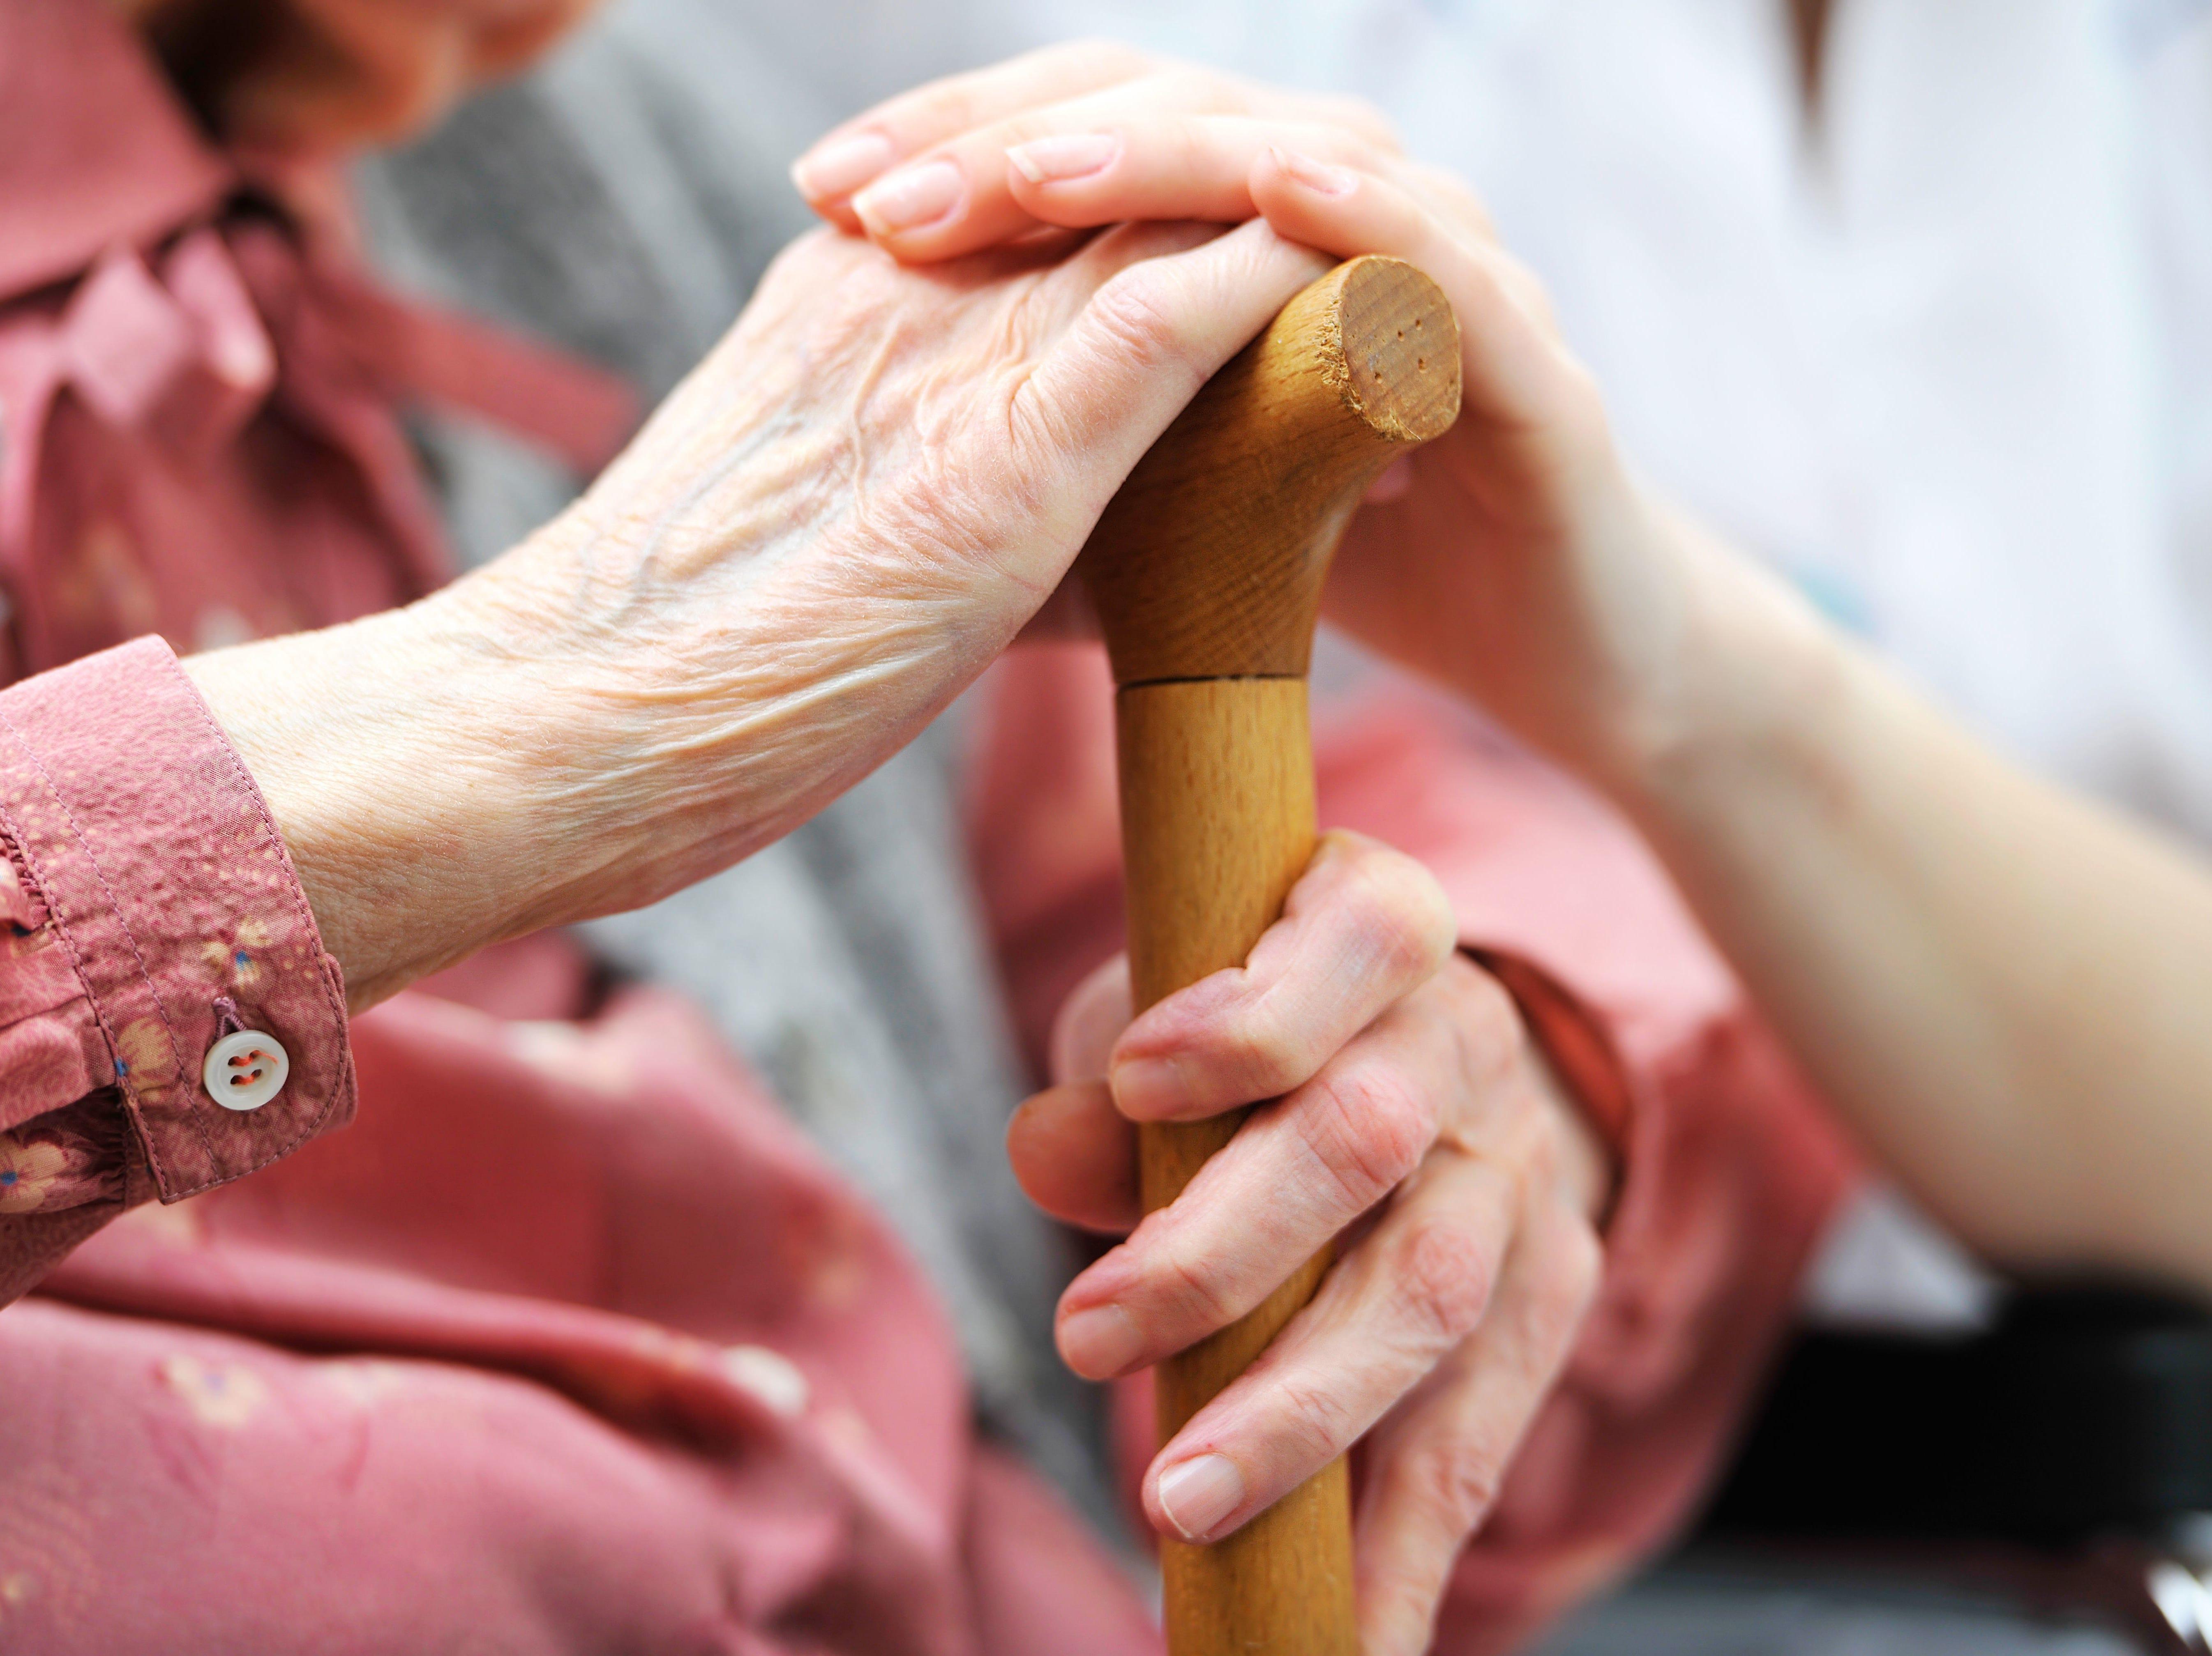 Does that nursing home have enough nurses?